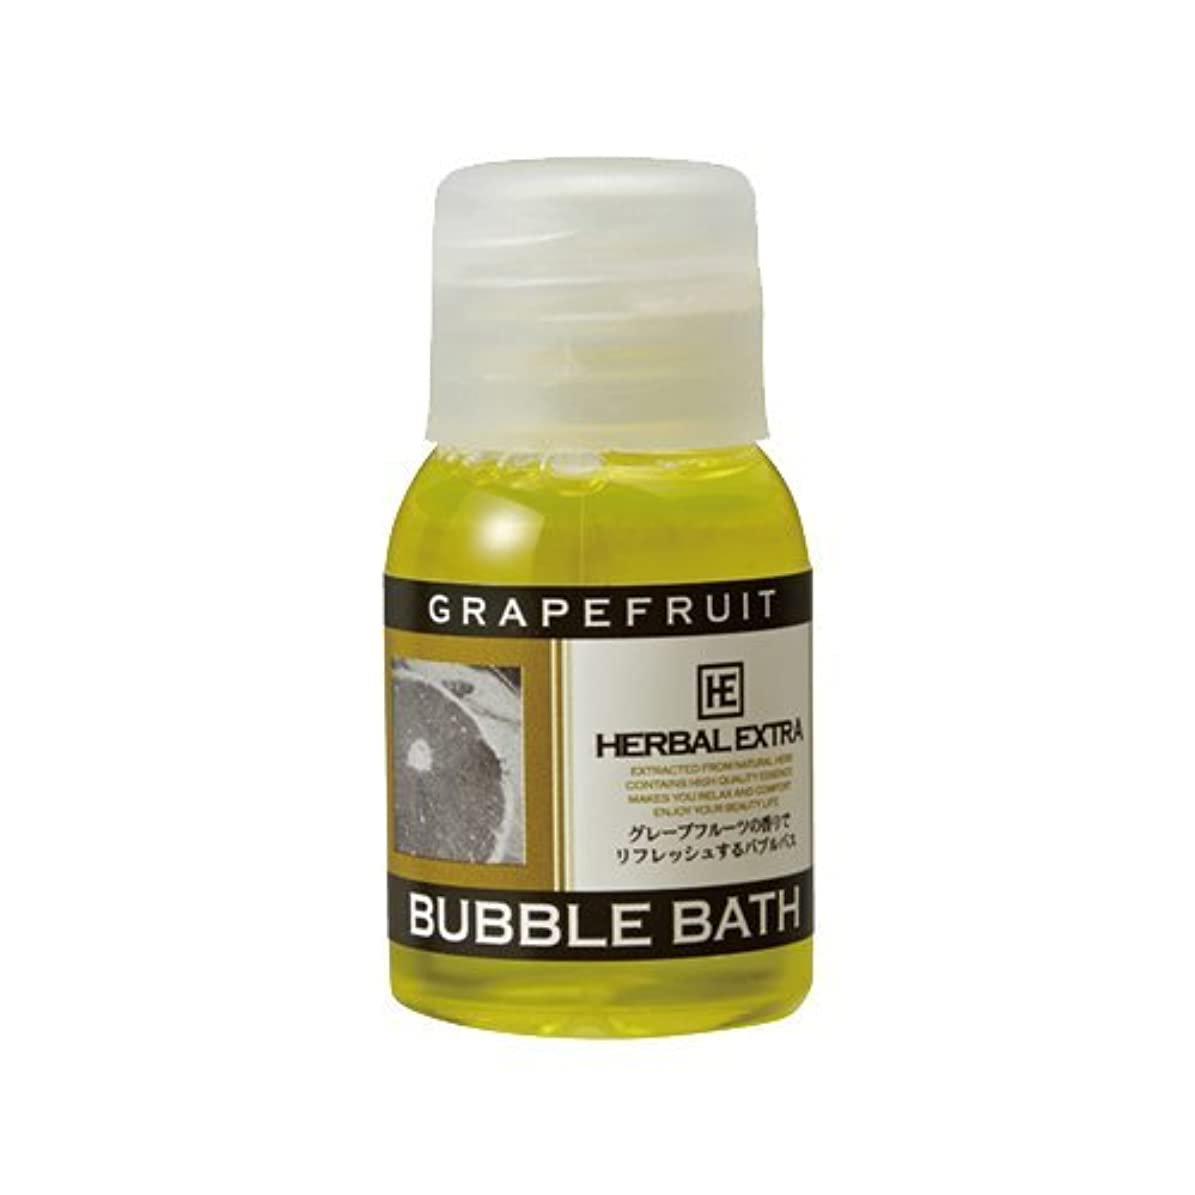 キャンプ一般癒すハーバルエクストラ バブルバス ミニボトル グレープフルーツの香り × 5個セット - ホテルアメニティ 業務用 発泡入浴剤 (BUBBLE BATH)